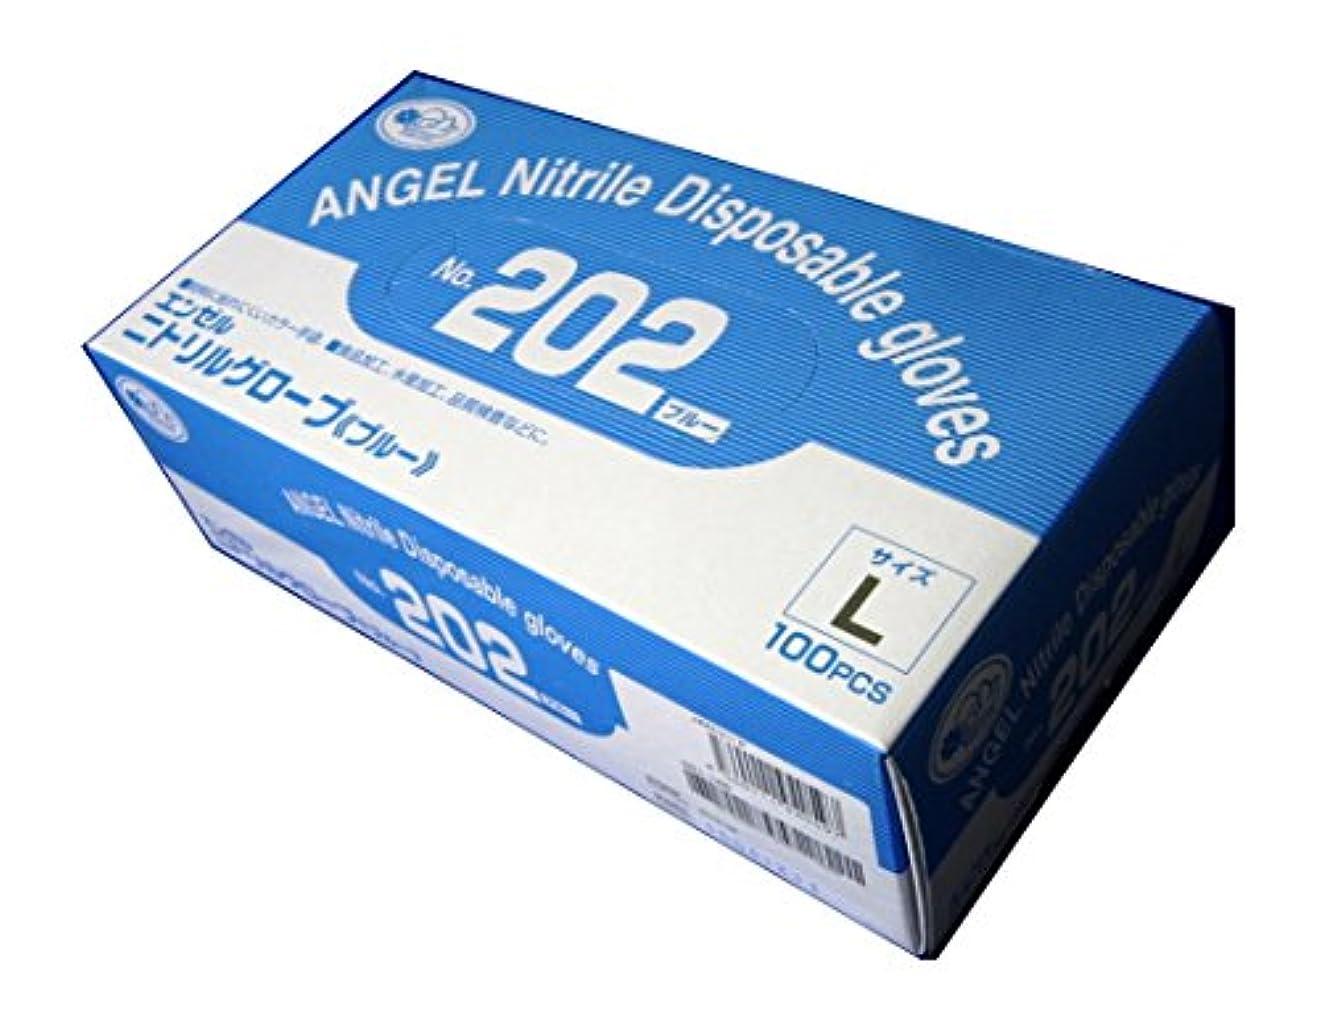 間に合わせ常習的漏れサンフラワー No.202 ニトリルグローブ 粉付 ブルー 100枚入り (Lサイズ)